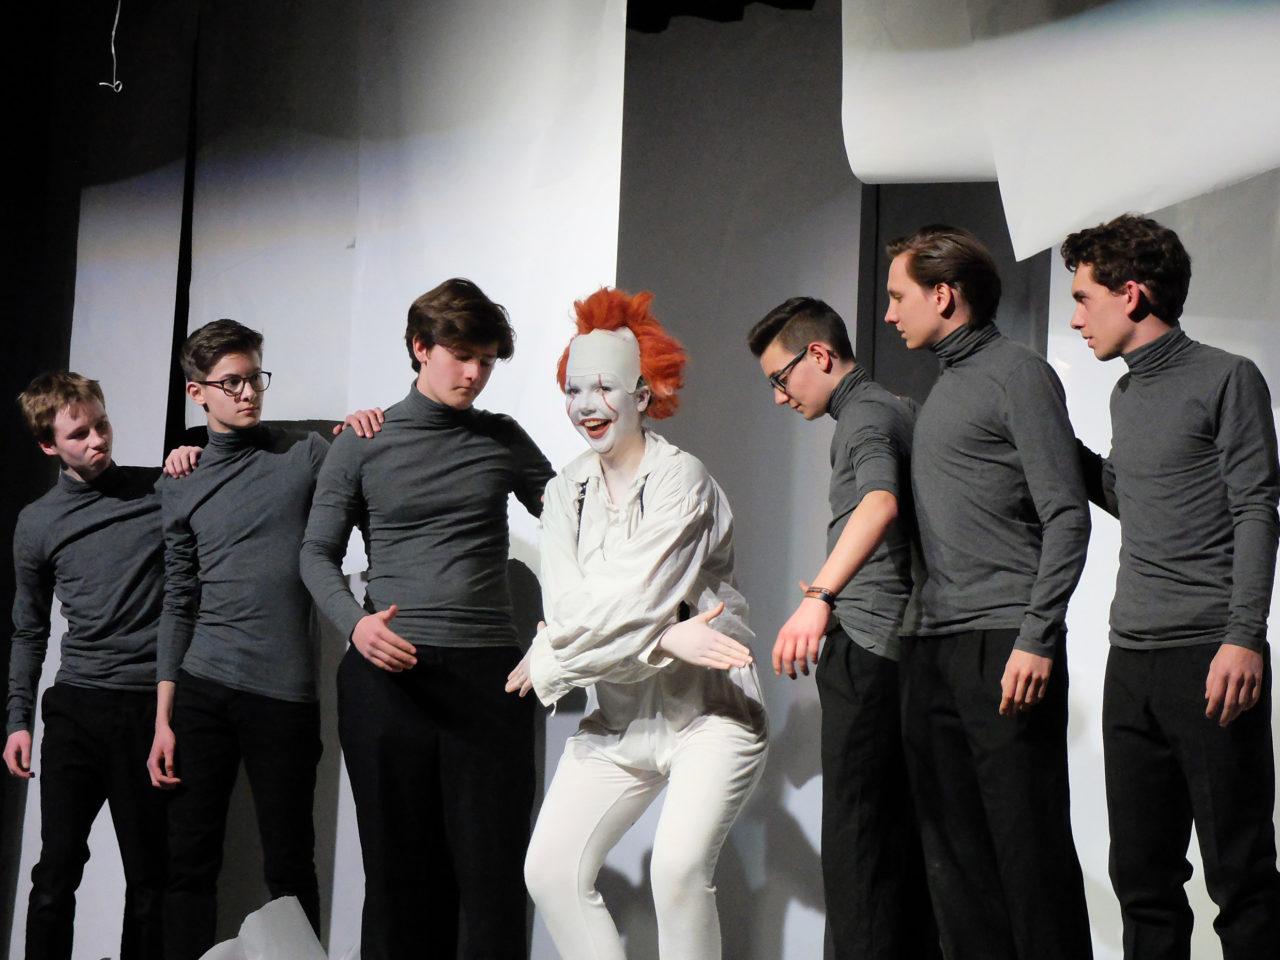 Mephistopheles Clara Lütjohann und sechsmal Faust - Gymnasium Tegernsee Schultheater